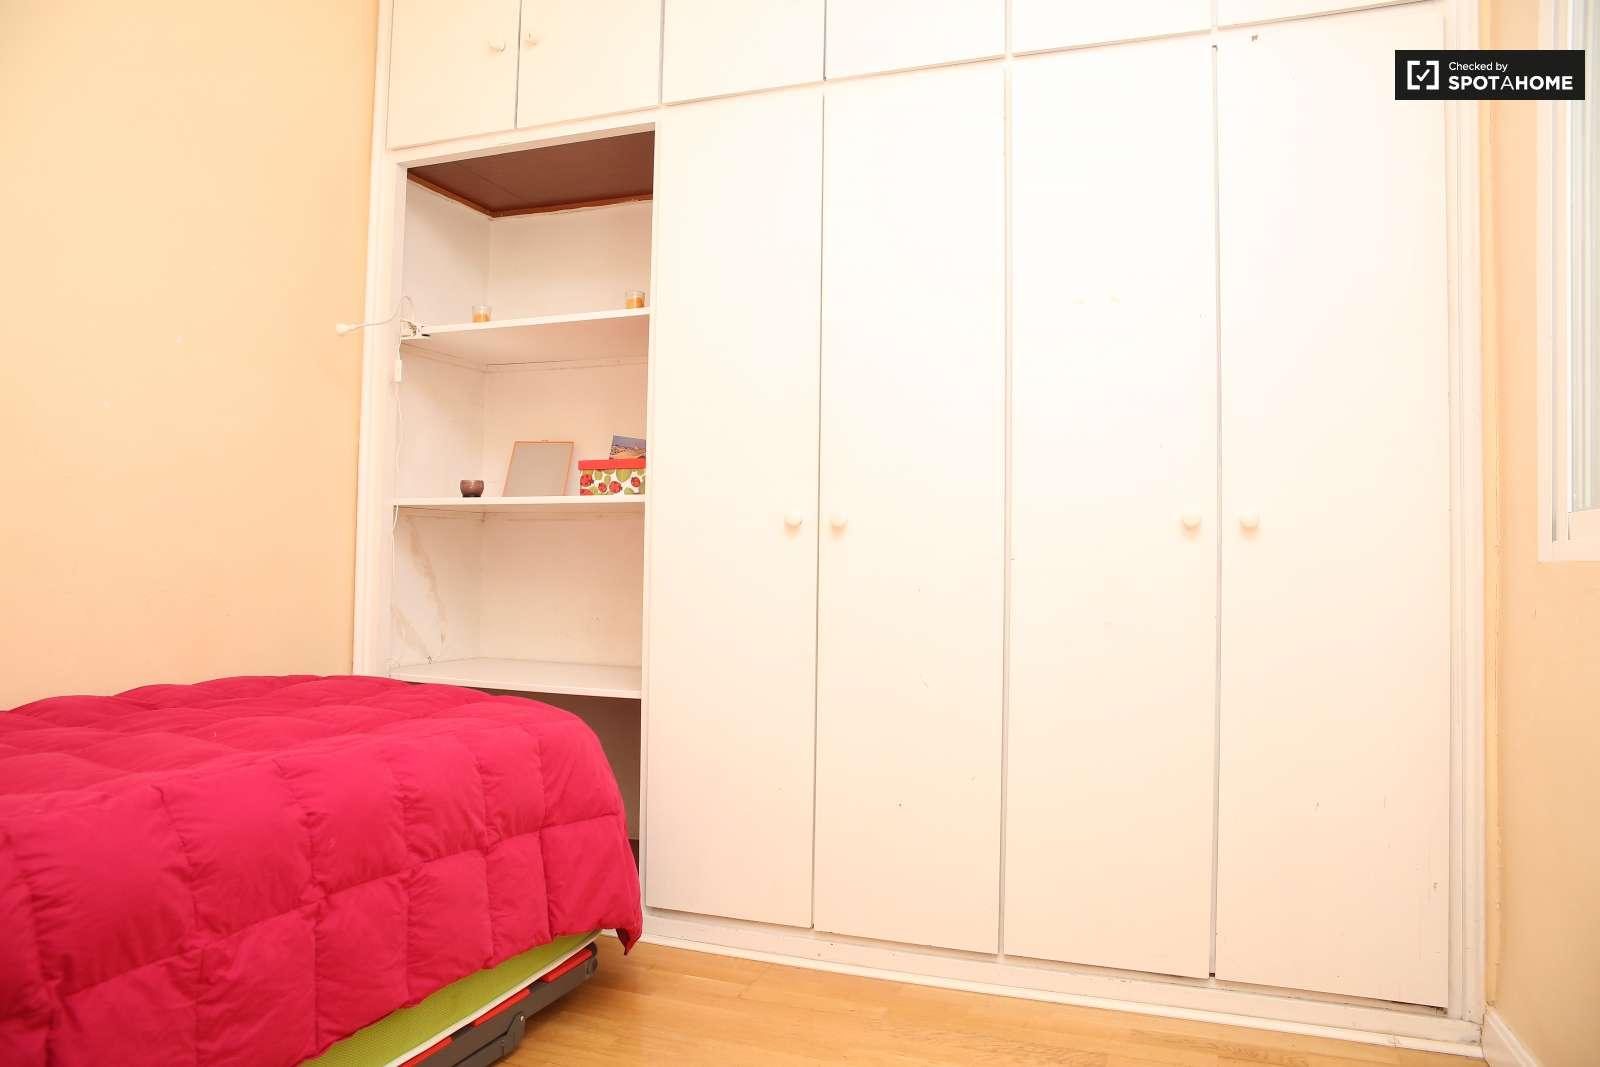 Alquila habitaci n en piso de 4 habitaciones en mar a for Piso 4 dormitorios sevilla